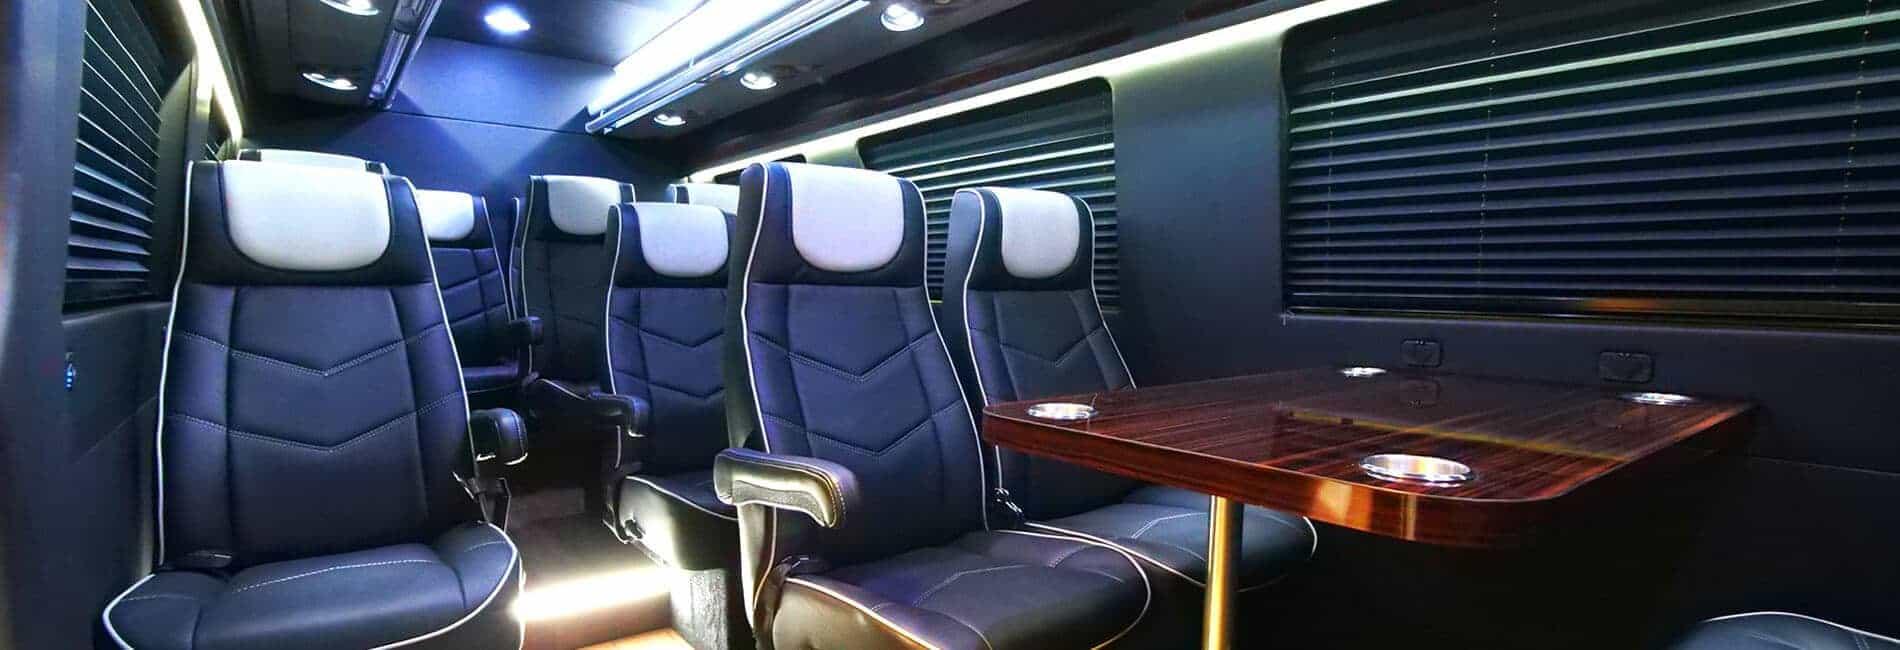 29ff6655b0 Shuttle Buses   Luxury Shuttle Vans